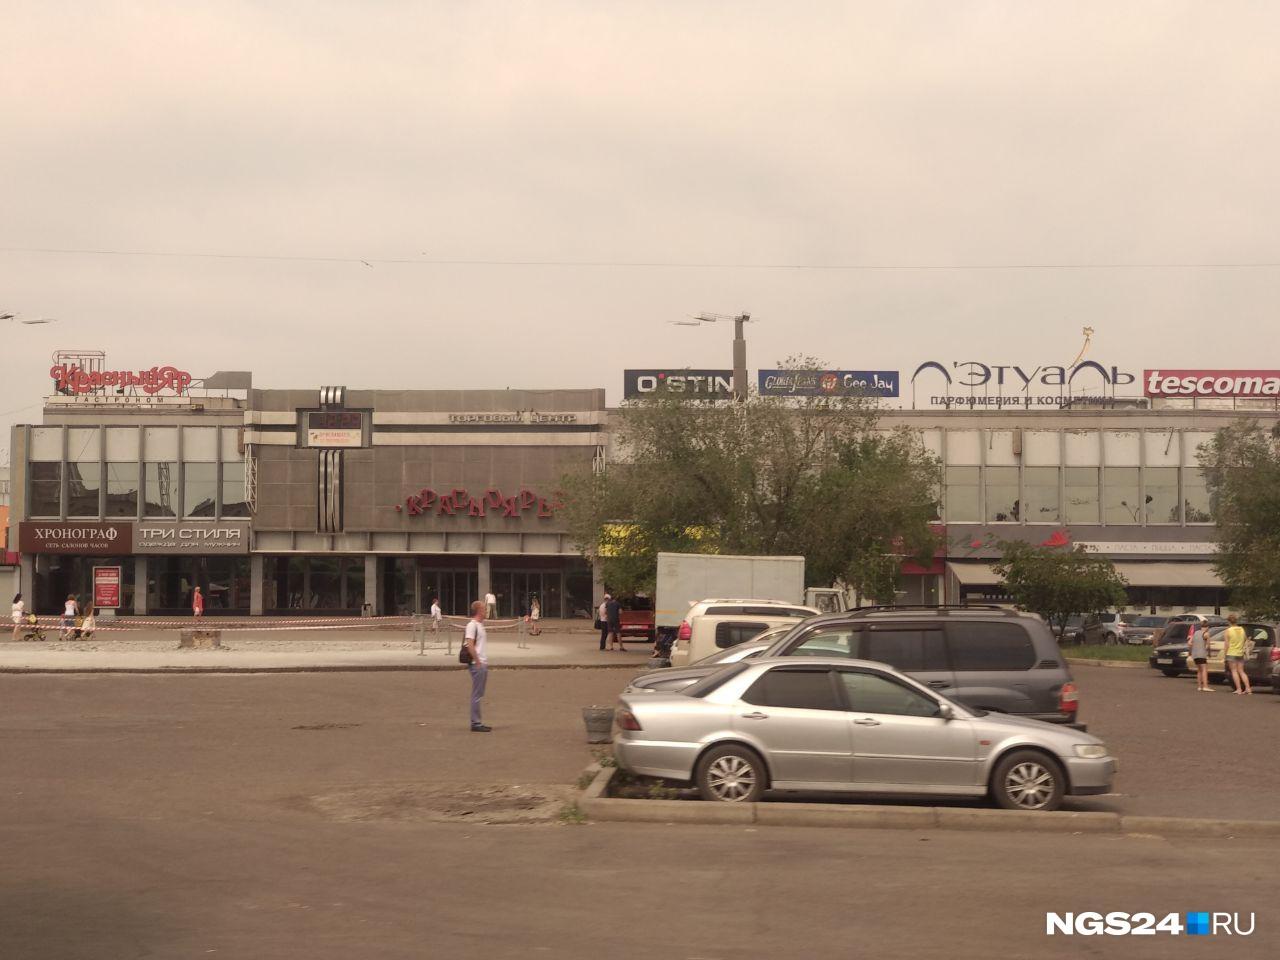 """У торгового центра от фонтана вообще <a href=""""https://ngs24.ru/news/more/62761661/"""" target=""""_blank"""" class=""""_"""">уже ничего не осталось</a>. Его убрали ради благоустройства парковки&nbsp;"""